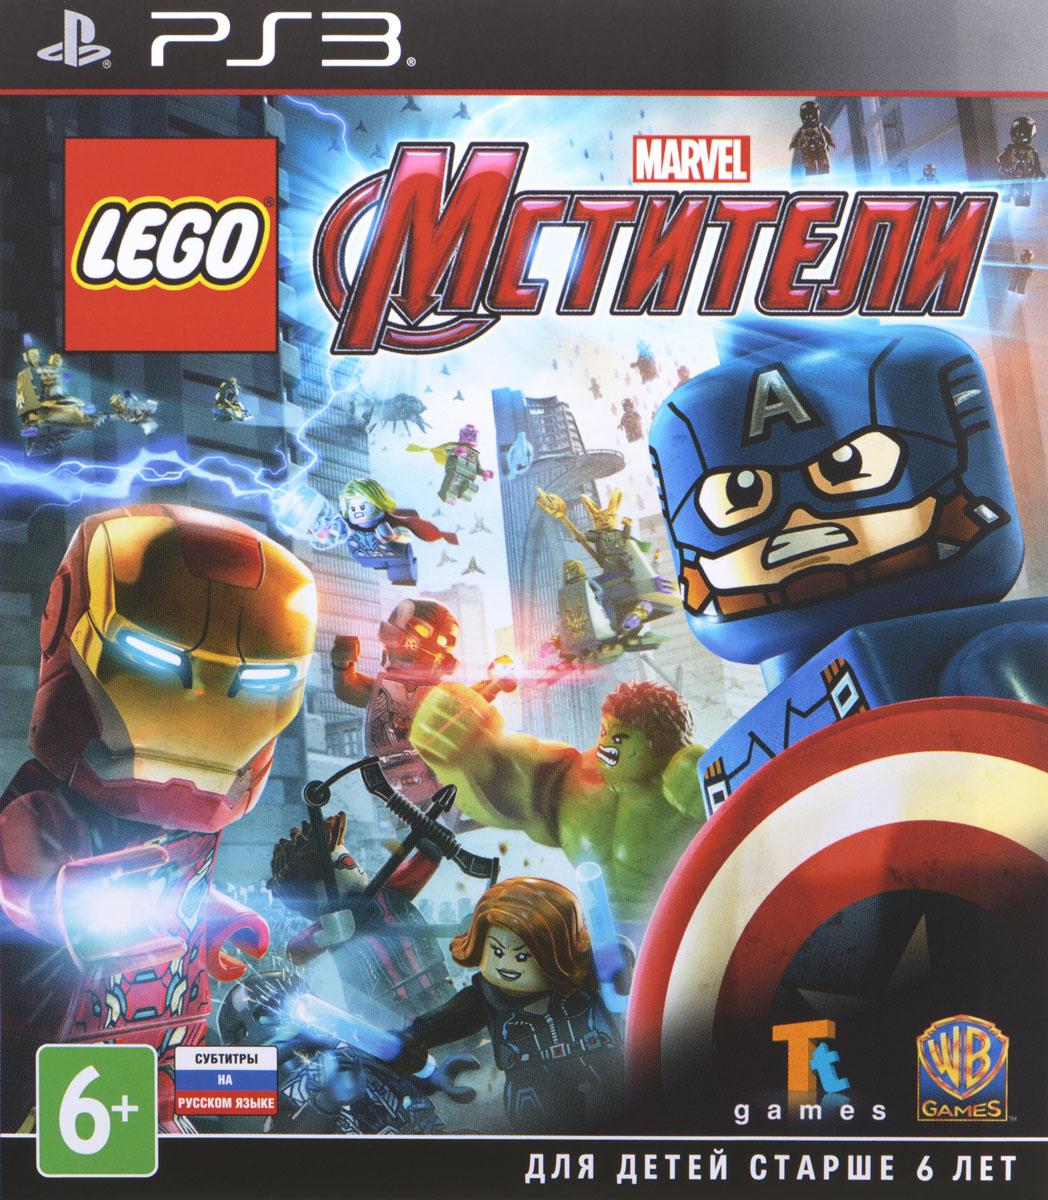 LEGO: Marvel Мстители (PS3) антон долин форс мажор мстители 2 эра альтрона